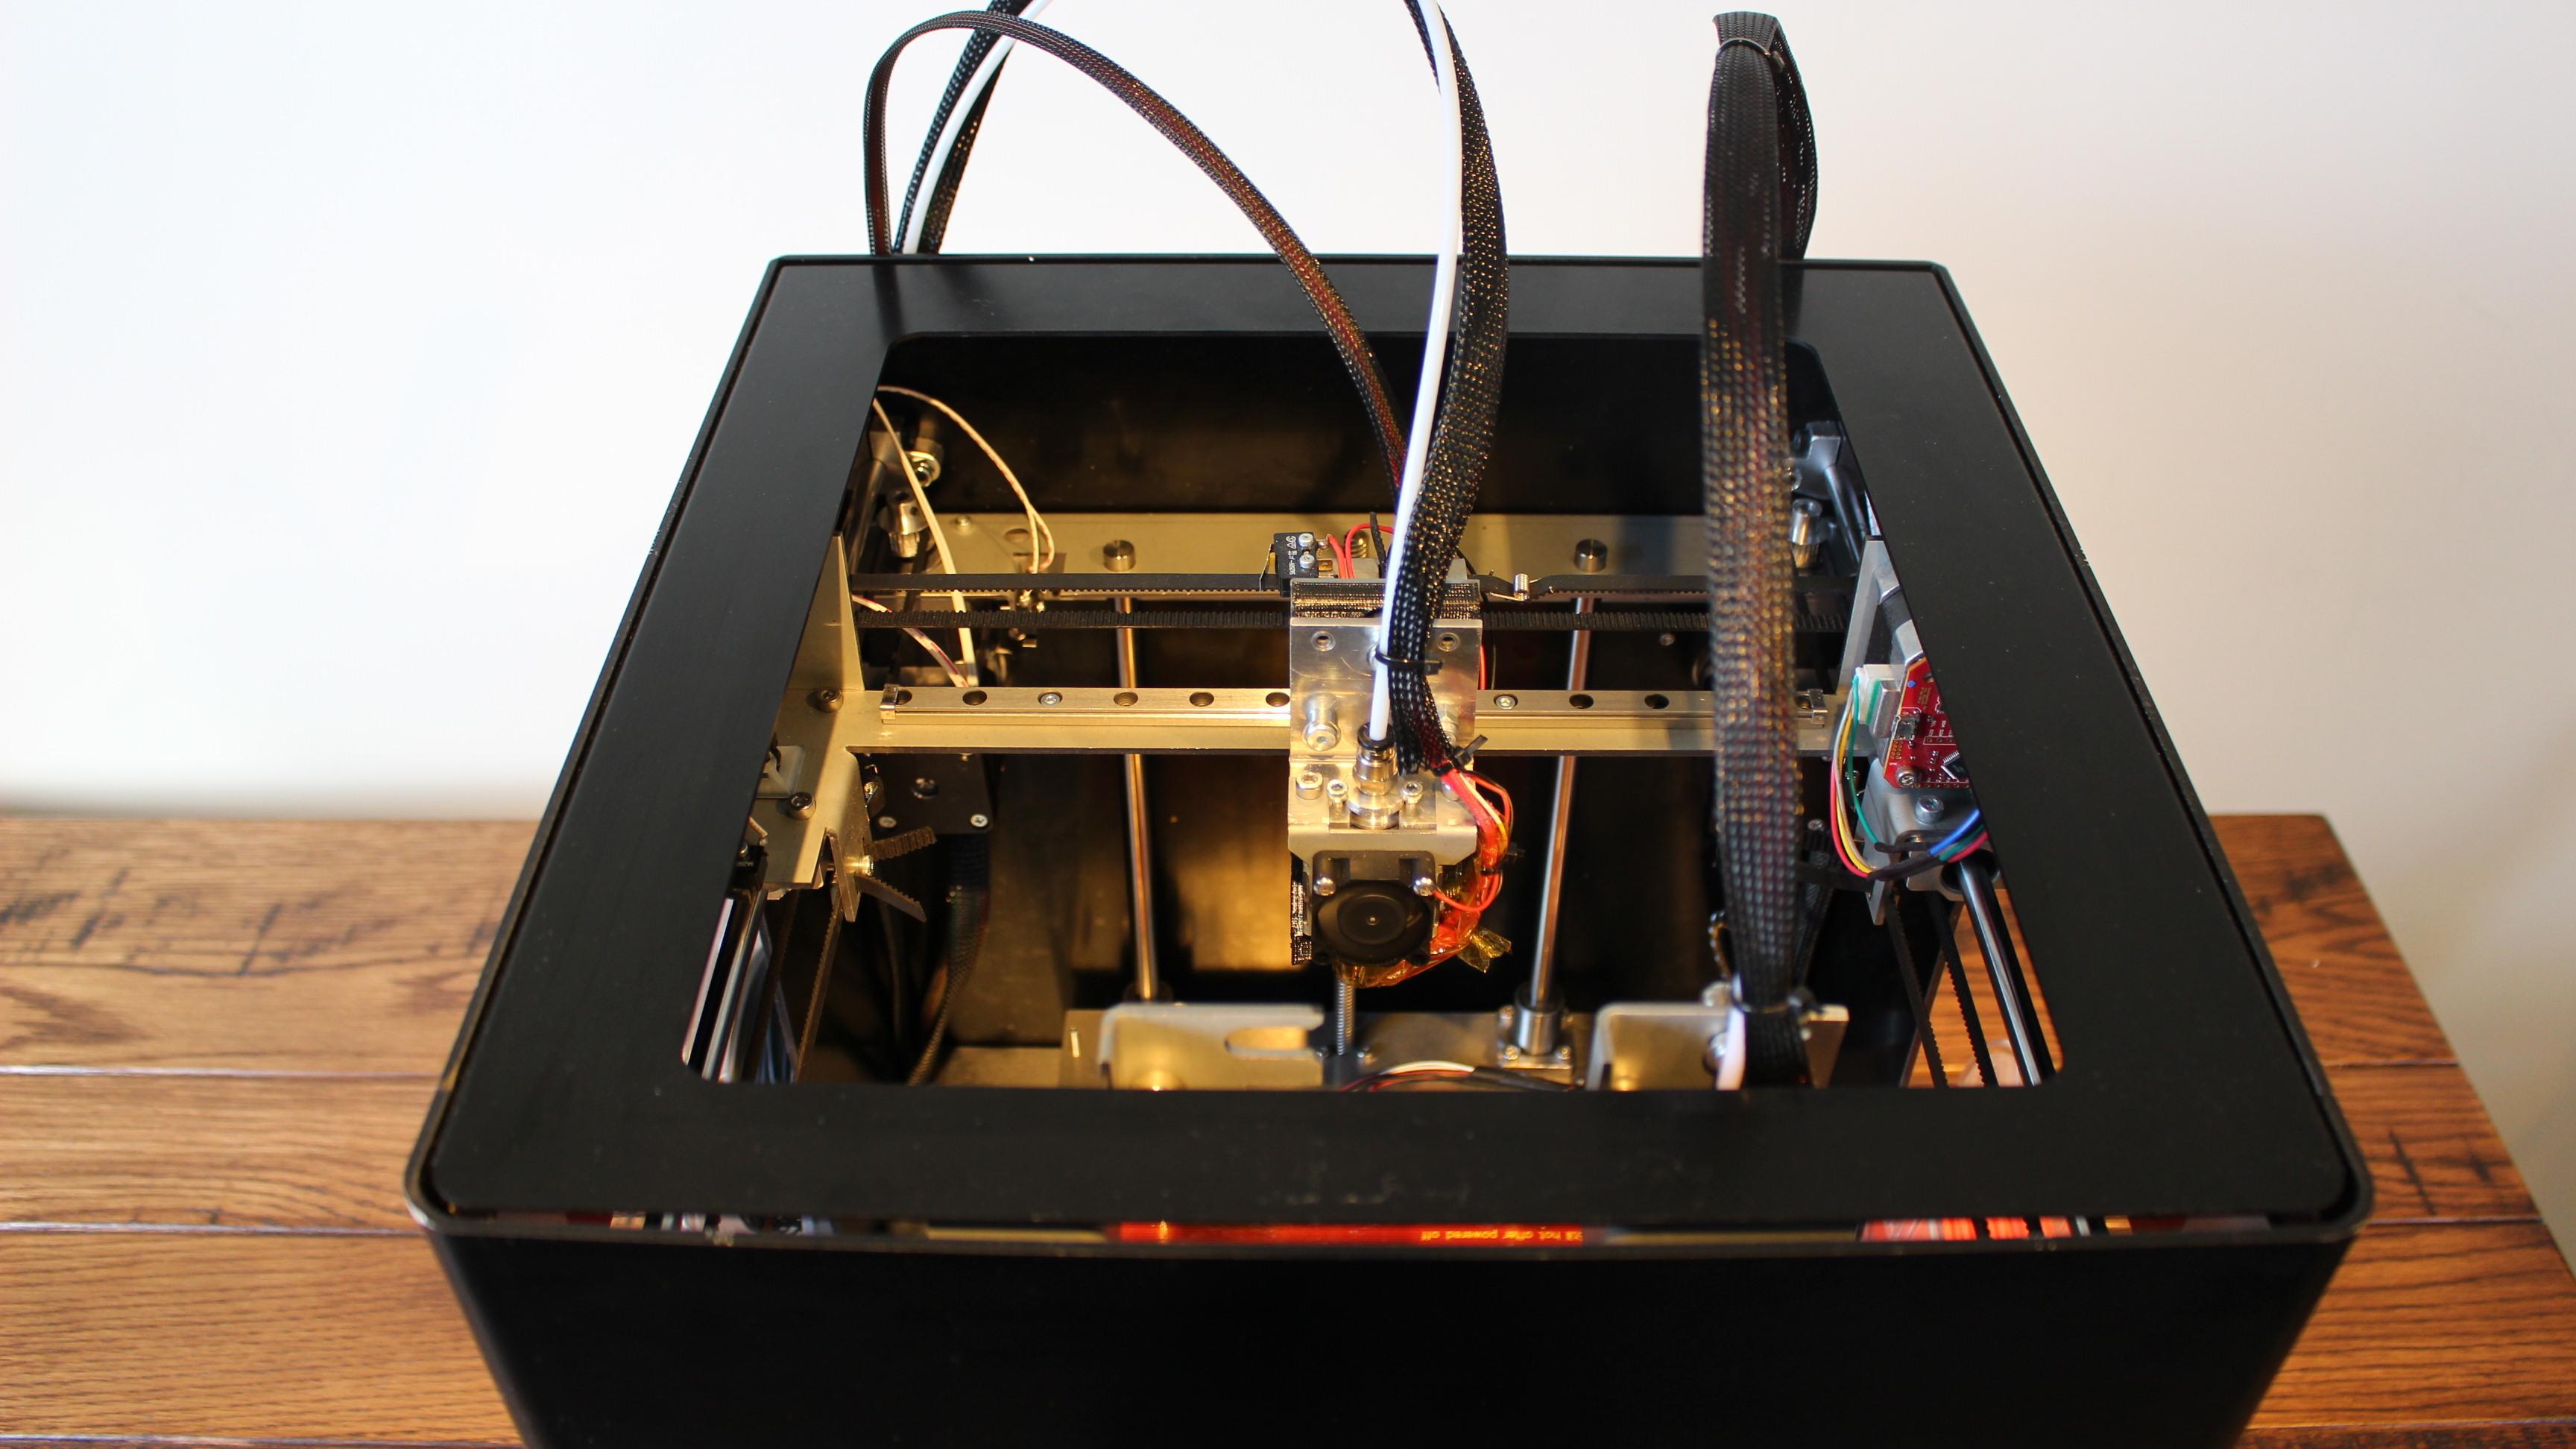 デュアルヘッドユニットツールスイッチャー 実装サービス - 画像1